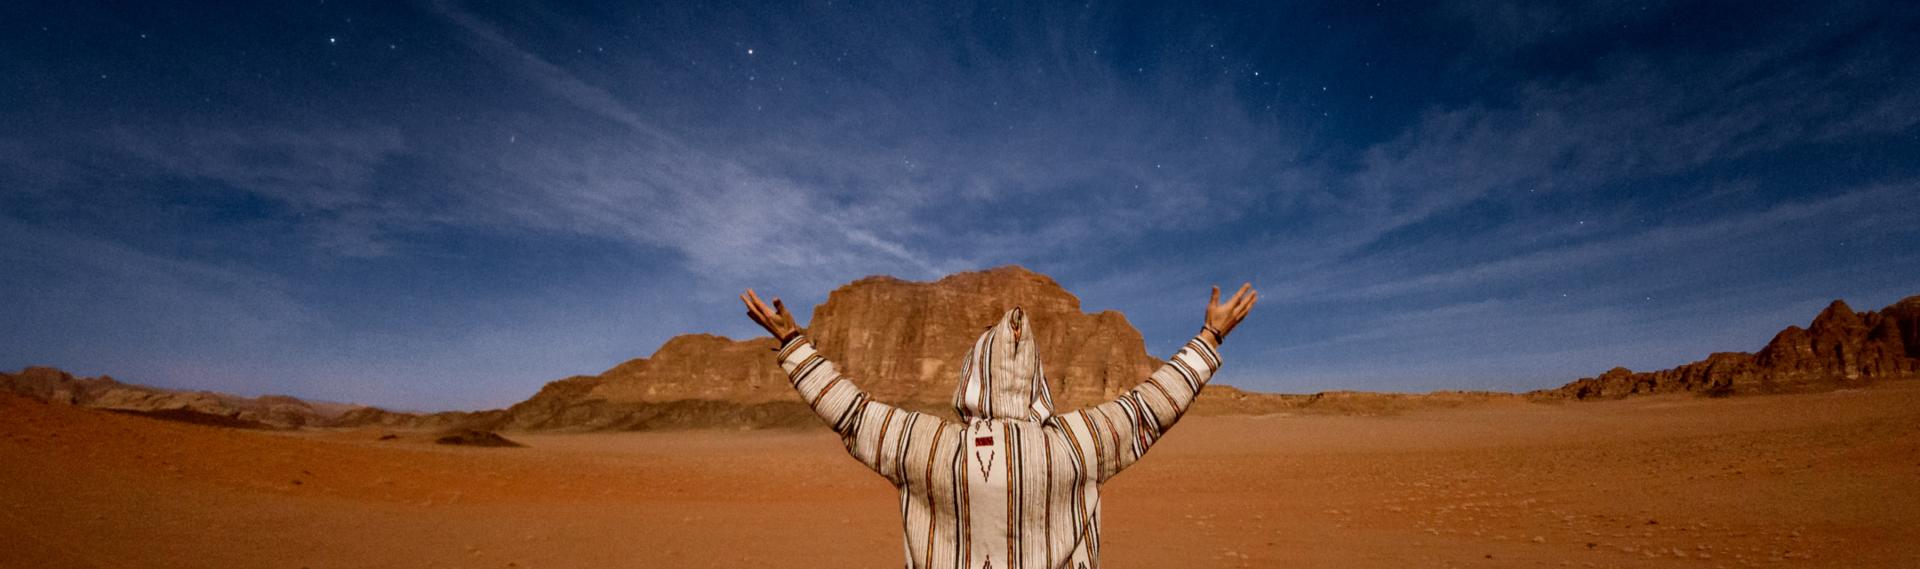 Noc na pustyni Wadi Rum